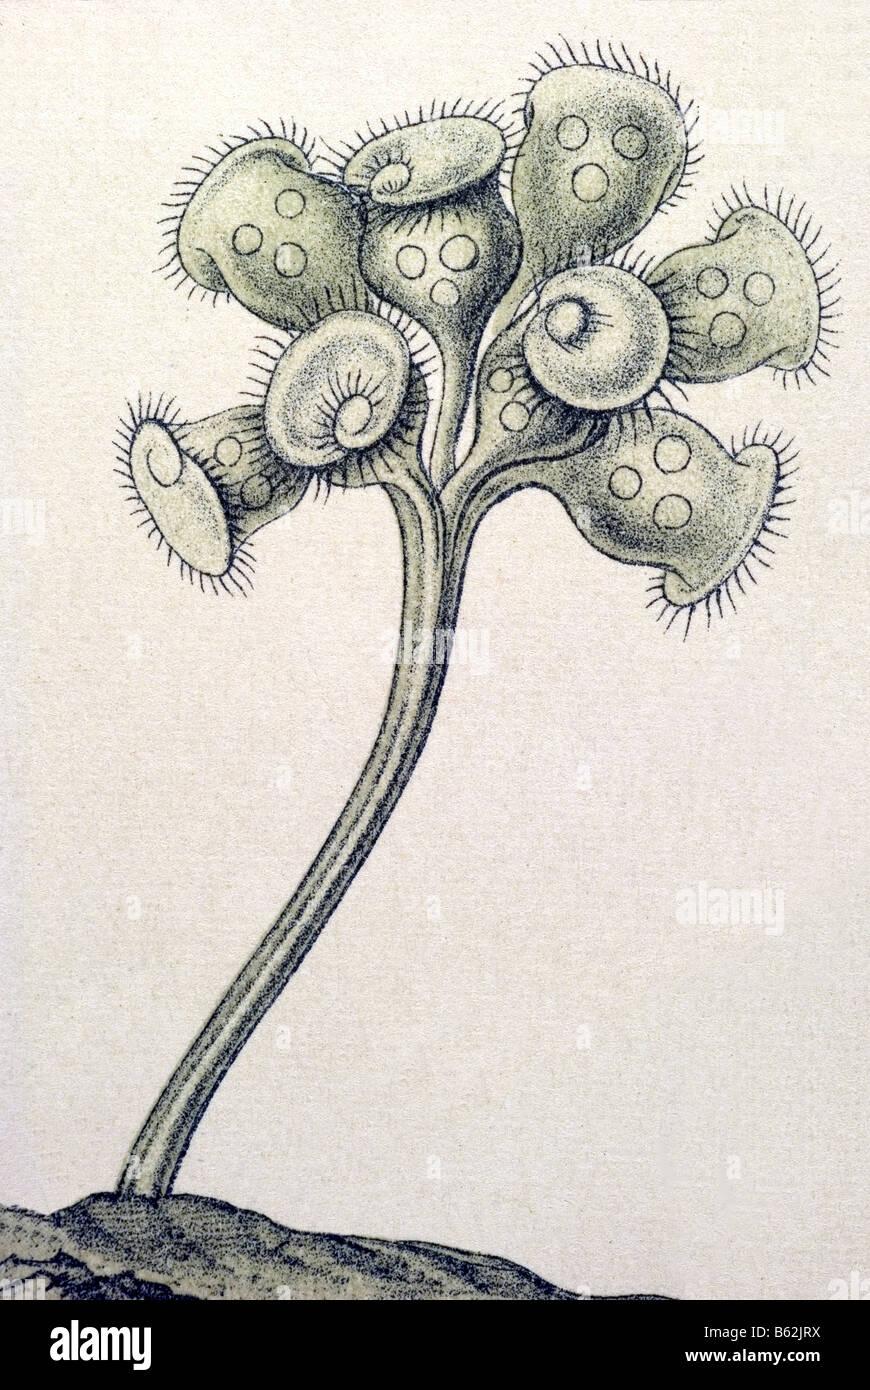 Ciliata / Wimperlinge, Nom, Stentor, Haeckel Kunstformen der Natur, art nouveau, 20e siècle, l'Europe Photo Stock